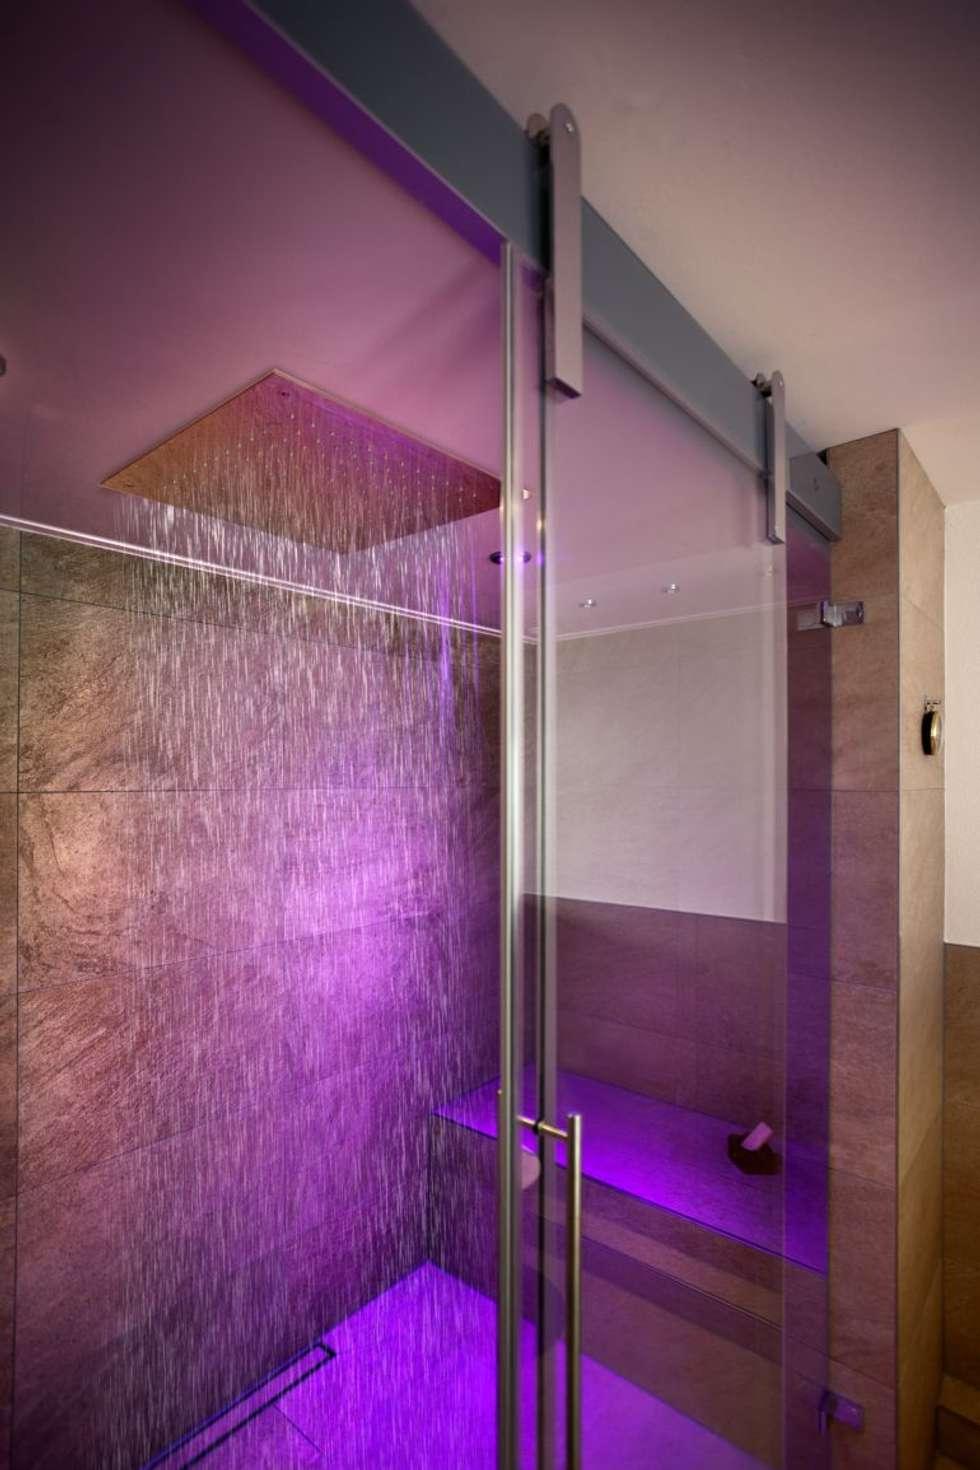 Dampfbad vereint tägliches duschen und dampfbaden in einem produkt ...